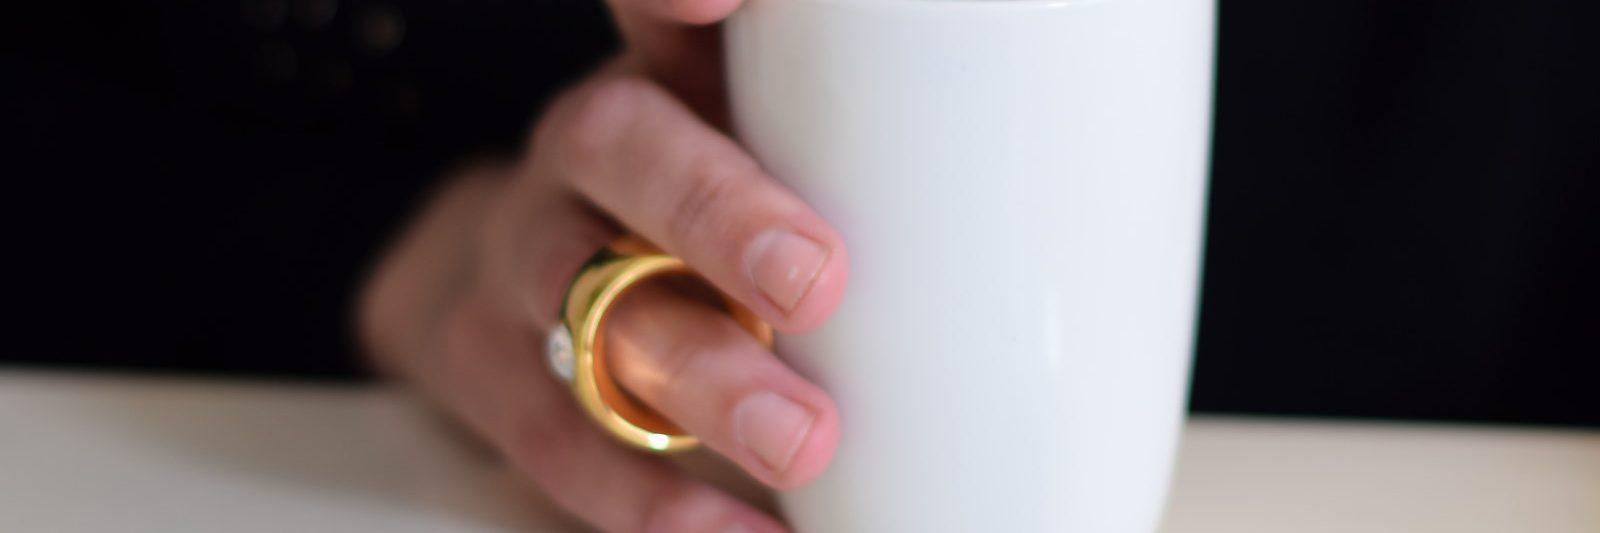 hand met witte koffiebeker met goudenring, waar een Marc de Champagne truffel voor ligt, op zwarte achtergrond